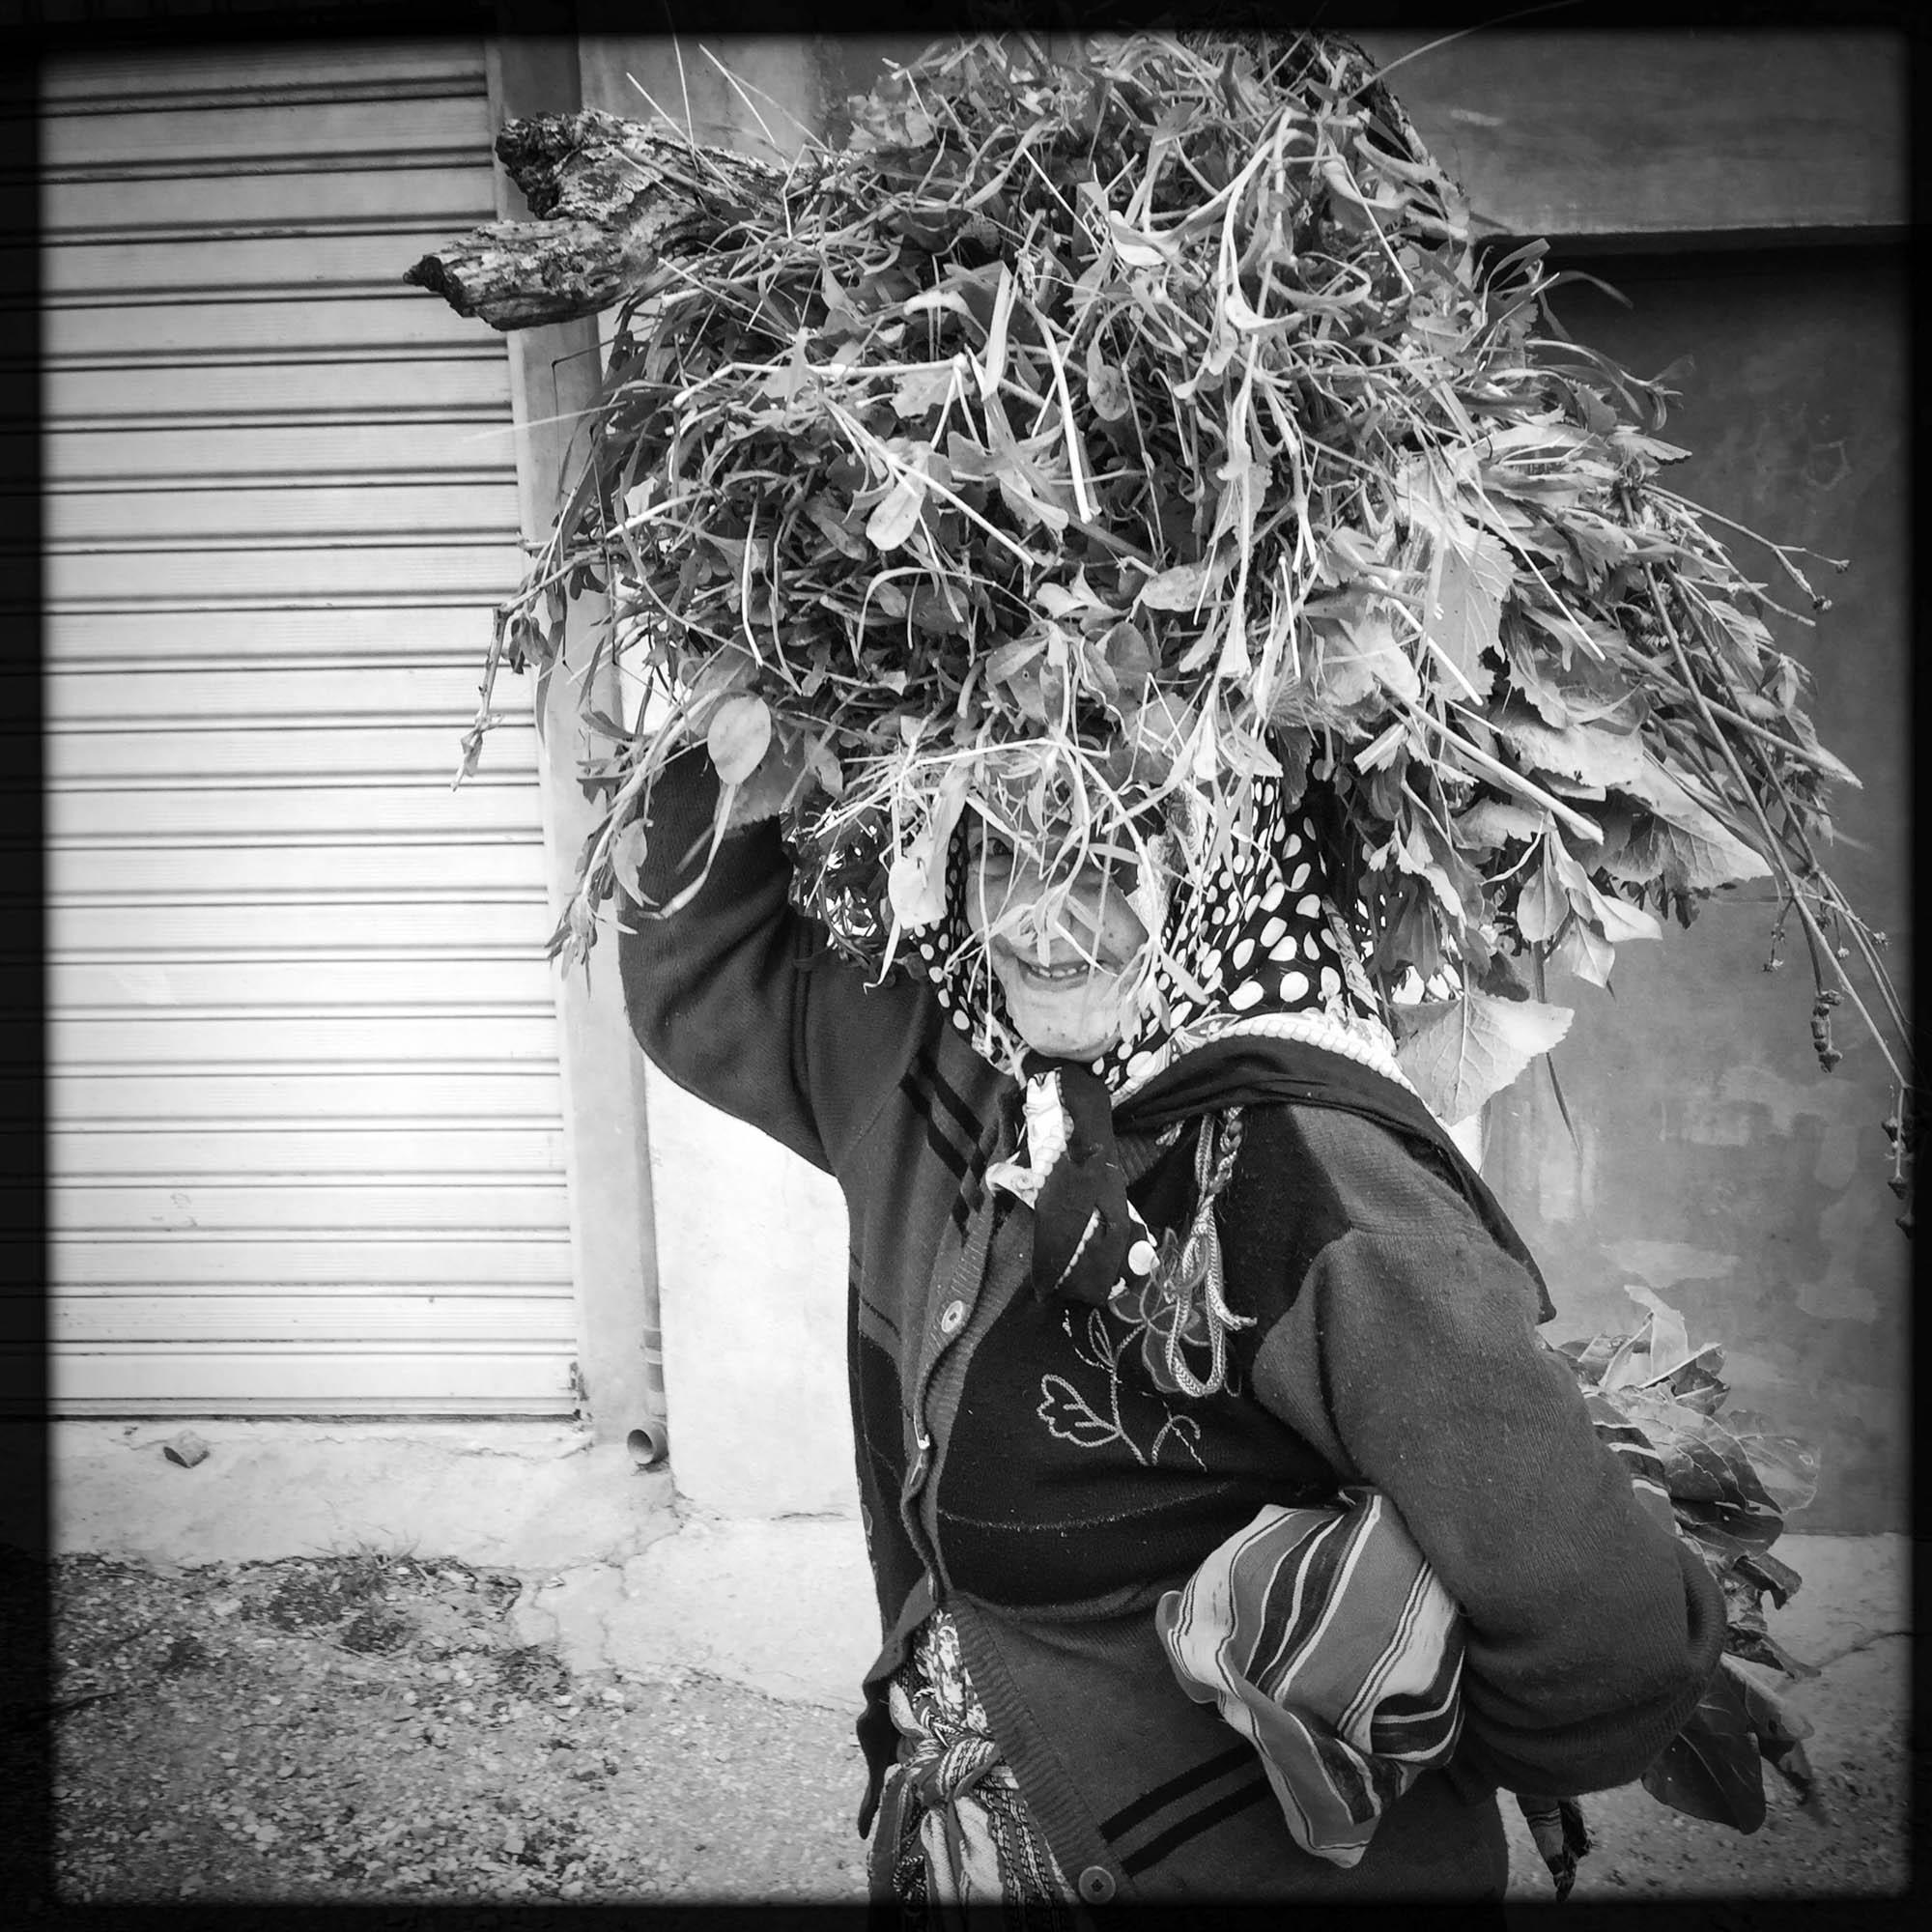 Une femme Kabyle, revient de ramasser des herbes et du bois en haute Kabylie. 12/02/2016, Yakouren-Algérie.